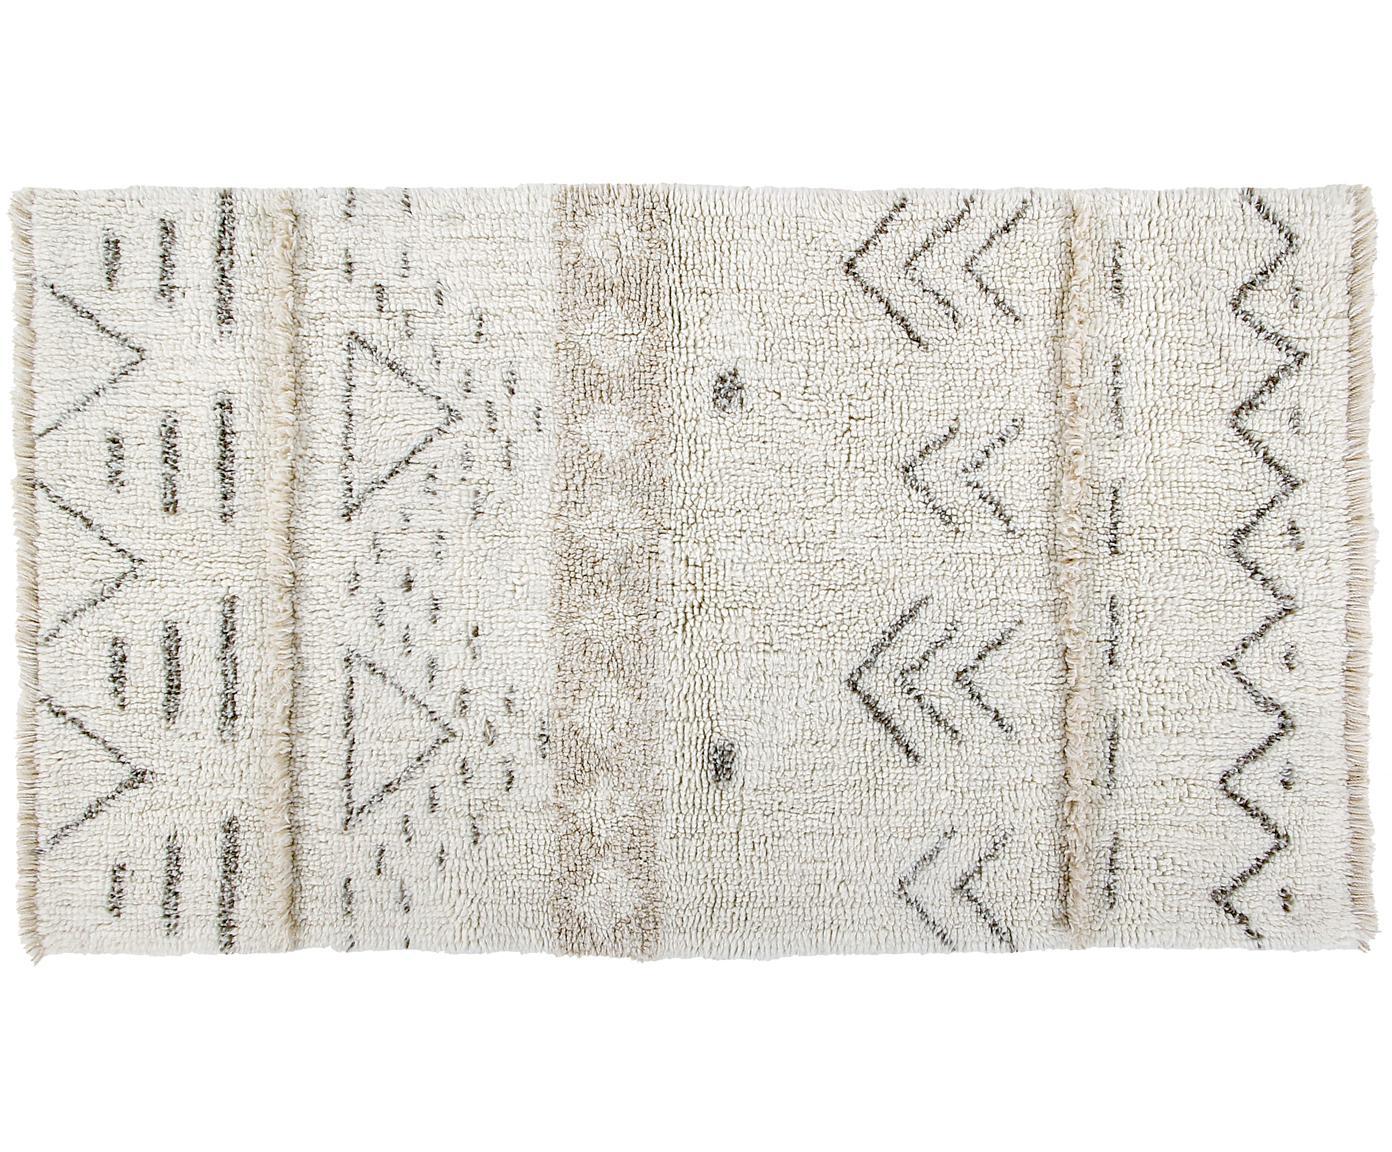 Tappeto in lana tessuto a mano Lakota Day, Retro: cotone riciclato, Crema, beige, grigio scuro, Larg. 80 x Lung. 140 cm (taglia XS)